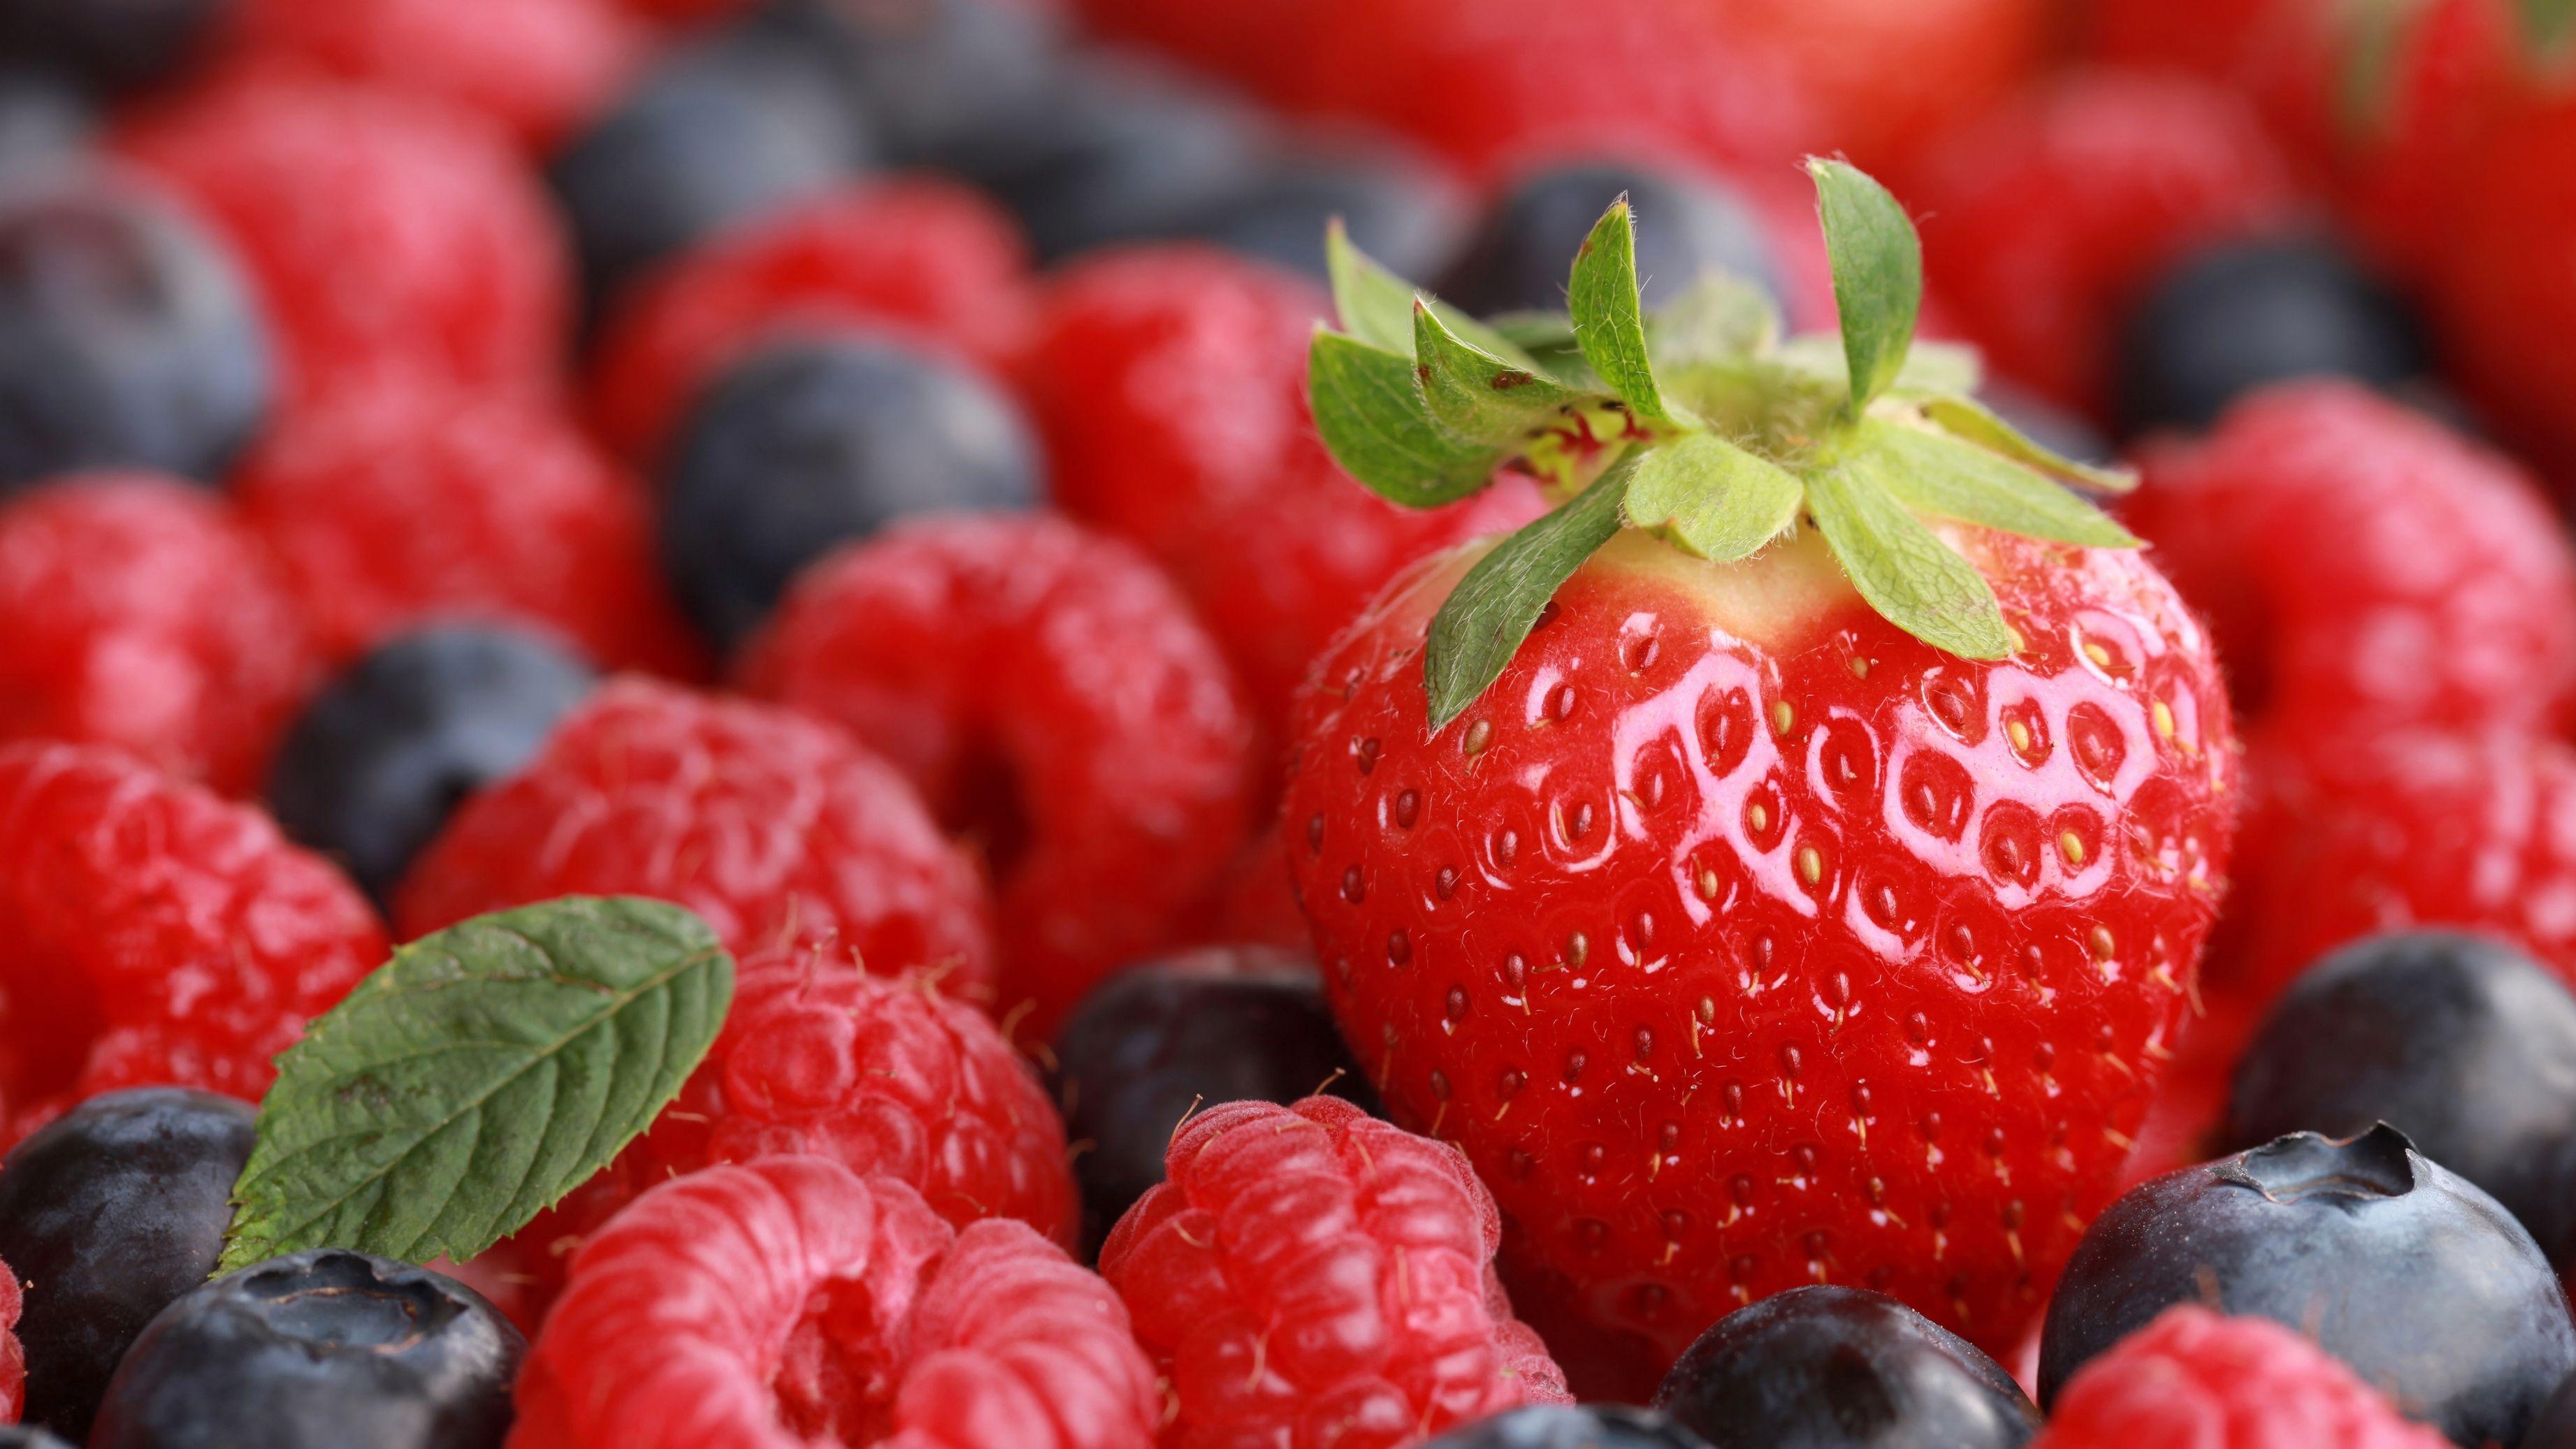 картинки на телефон красивые ягоды была моей подругой